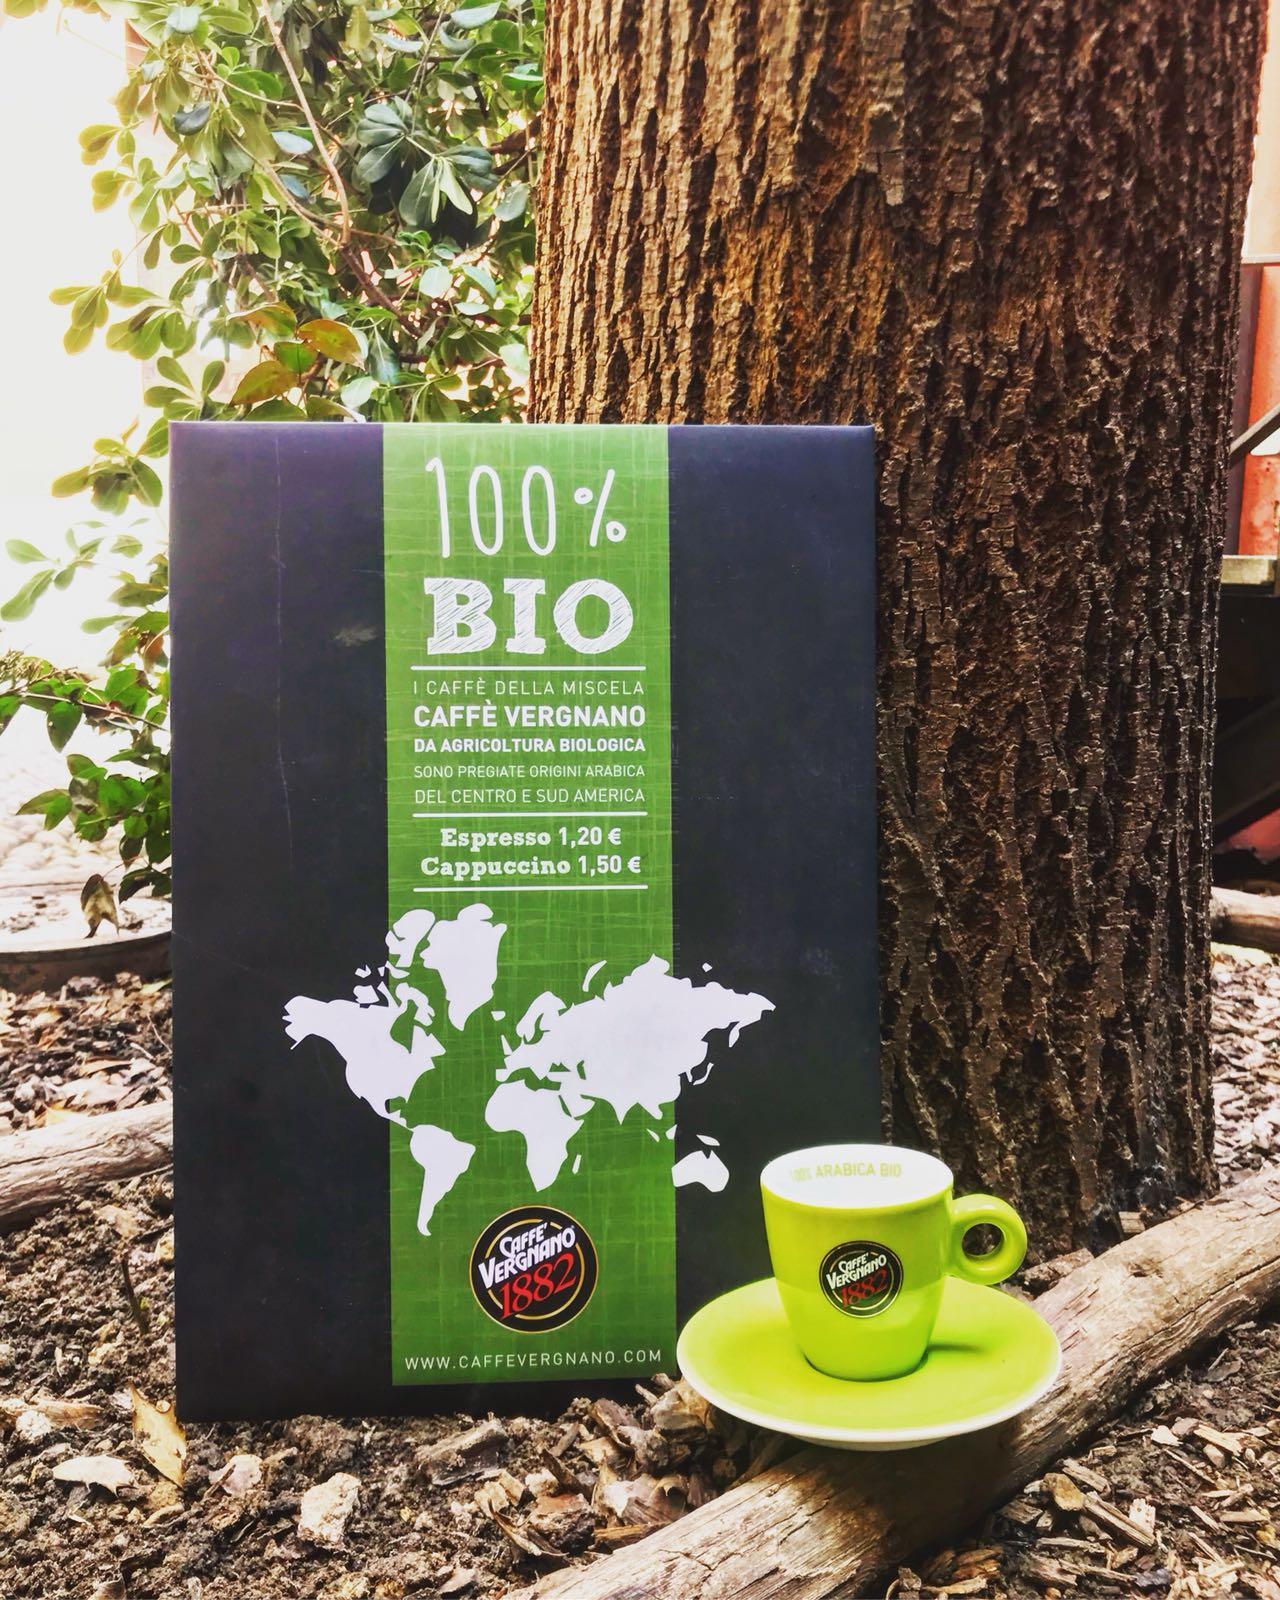 Organico e biologico: facciamo un po' di chiarezza